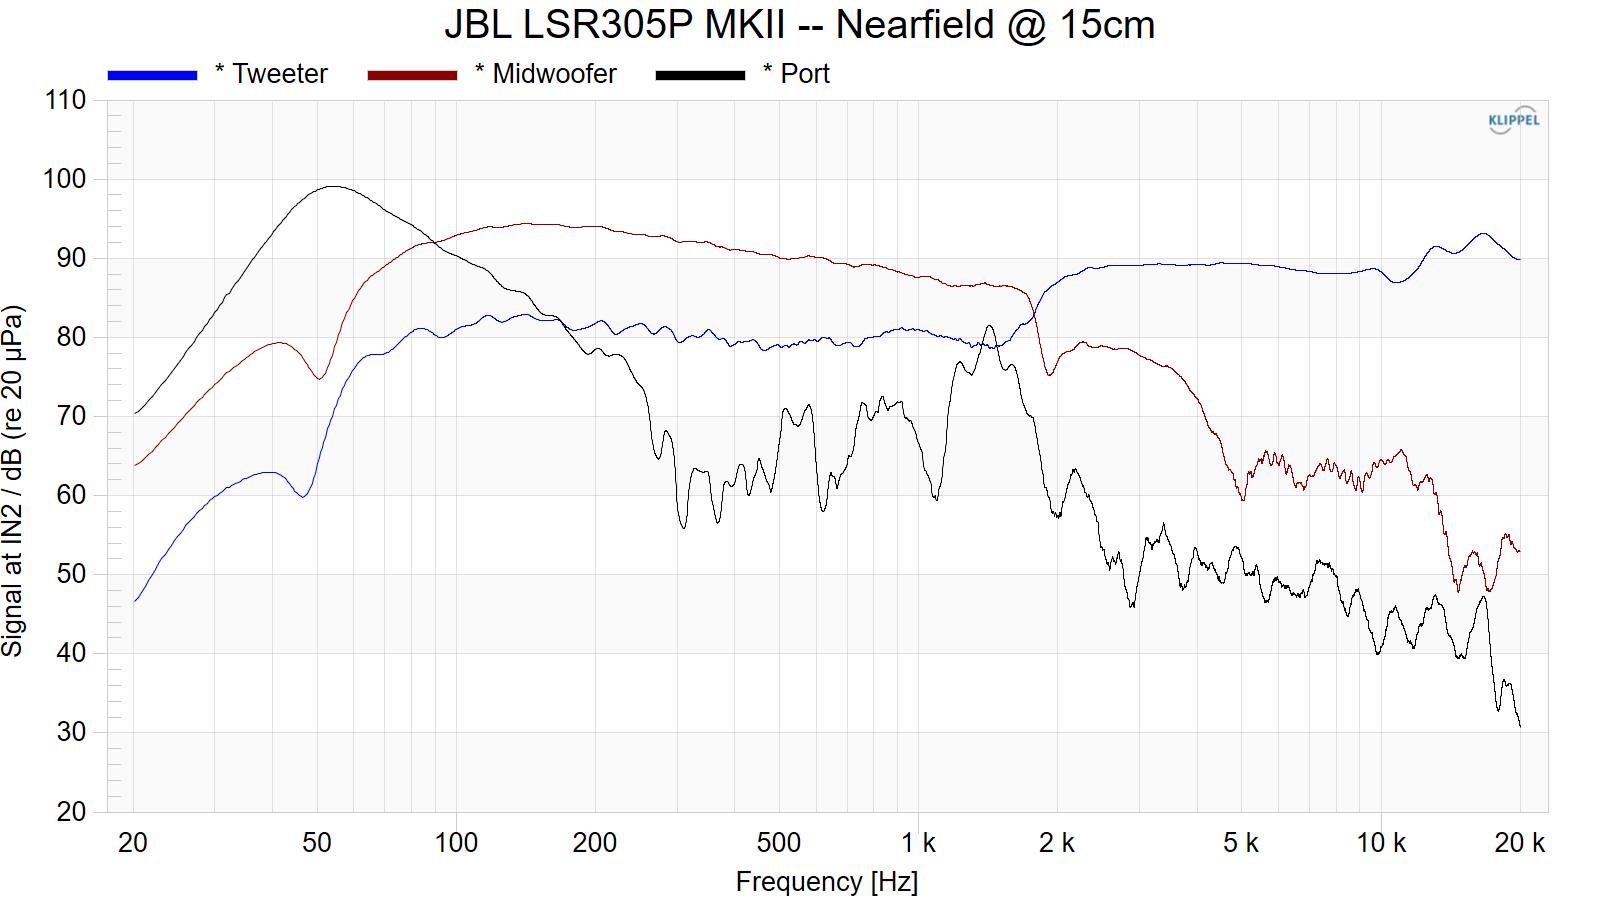 JBL%20LSR305P%20MKII%20--%20Nearfield%20%40%2015cm.png